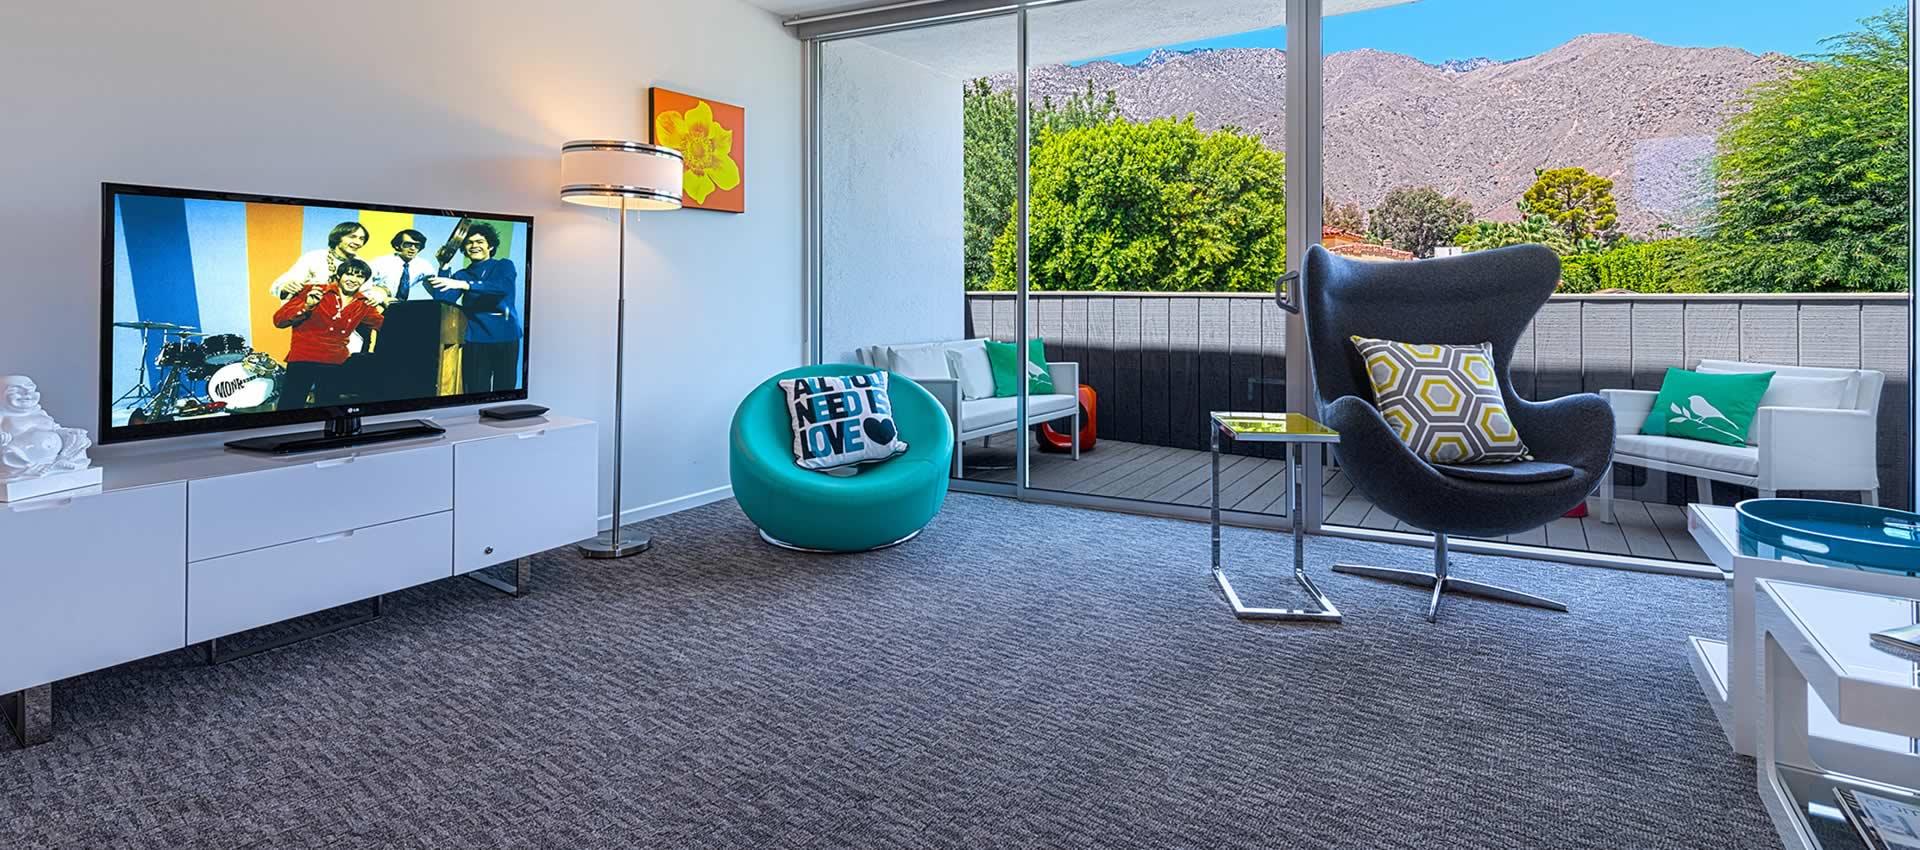 twist-hotel-room207-frontroom